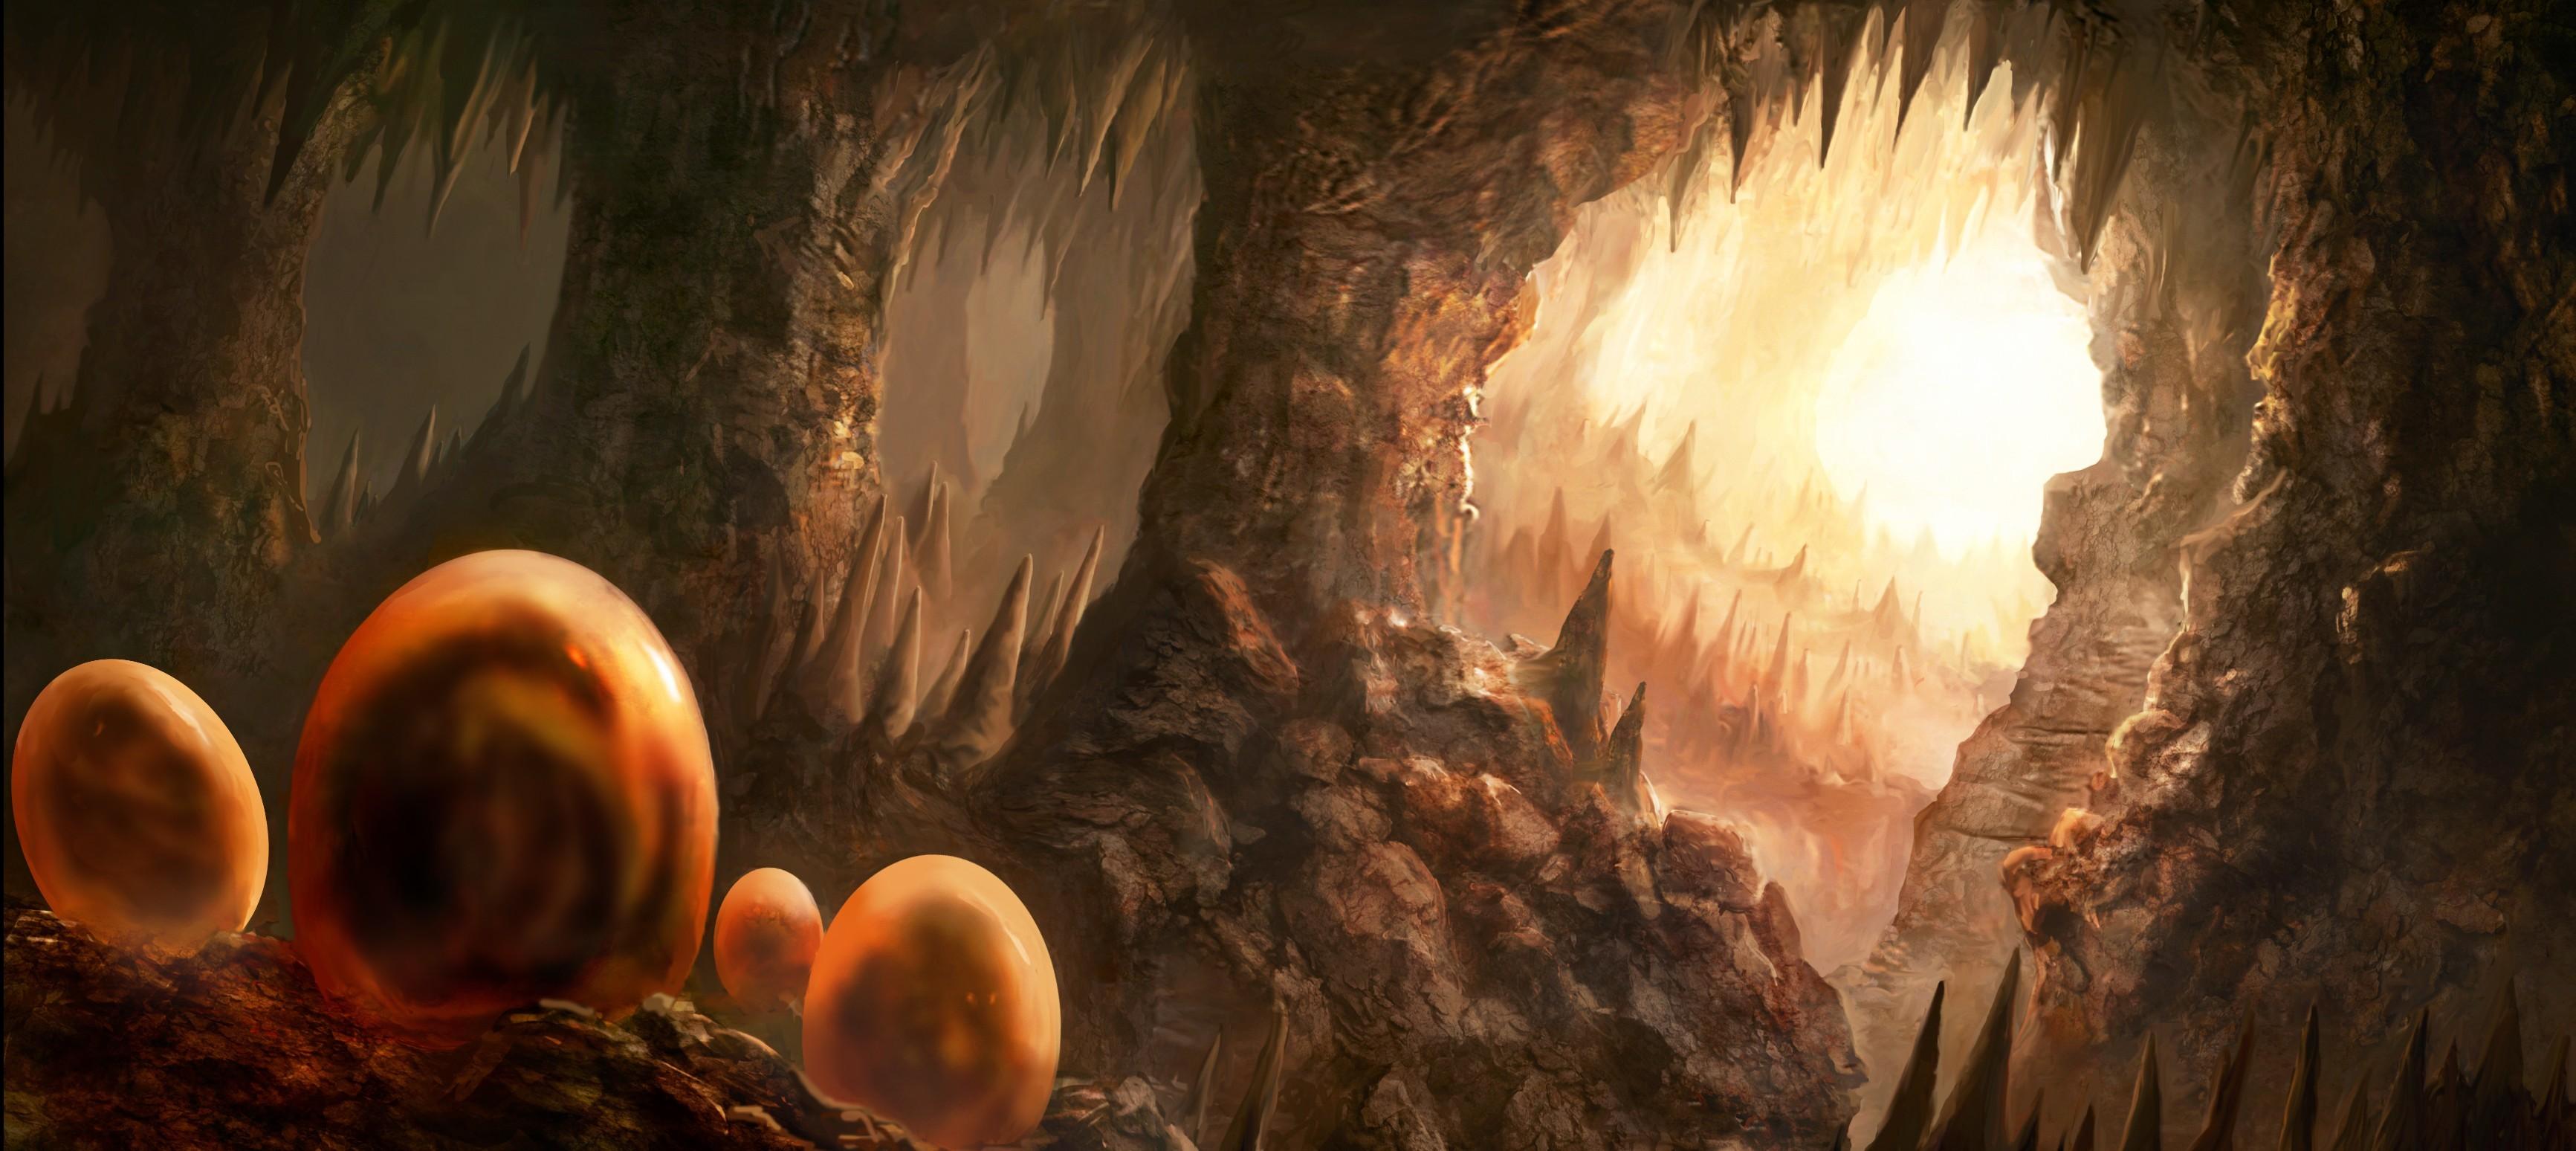 картинки пещеры с золотом драконе хочу наговаривать